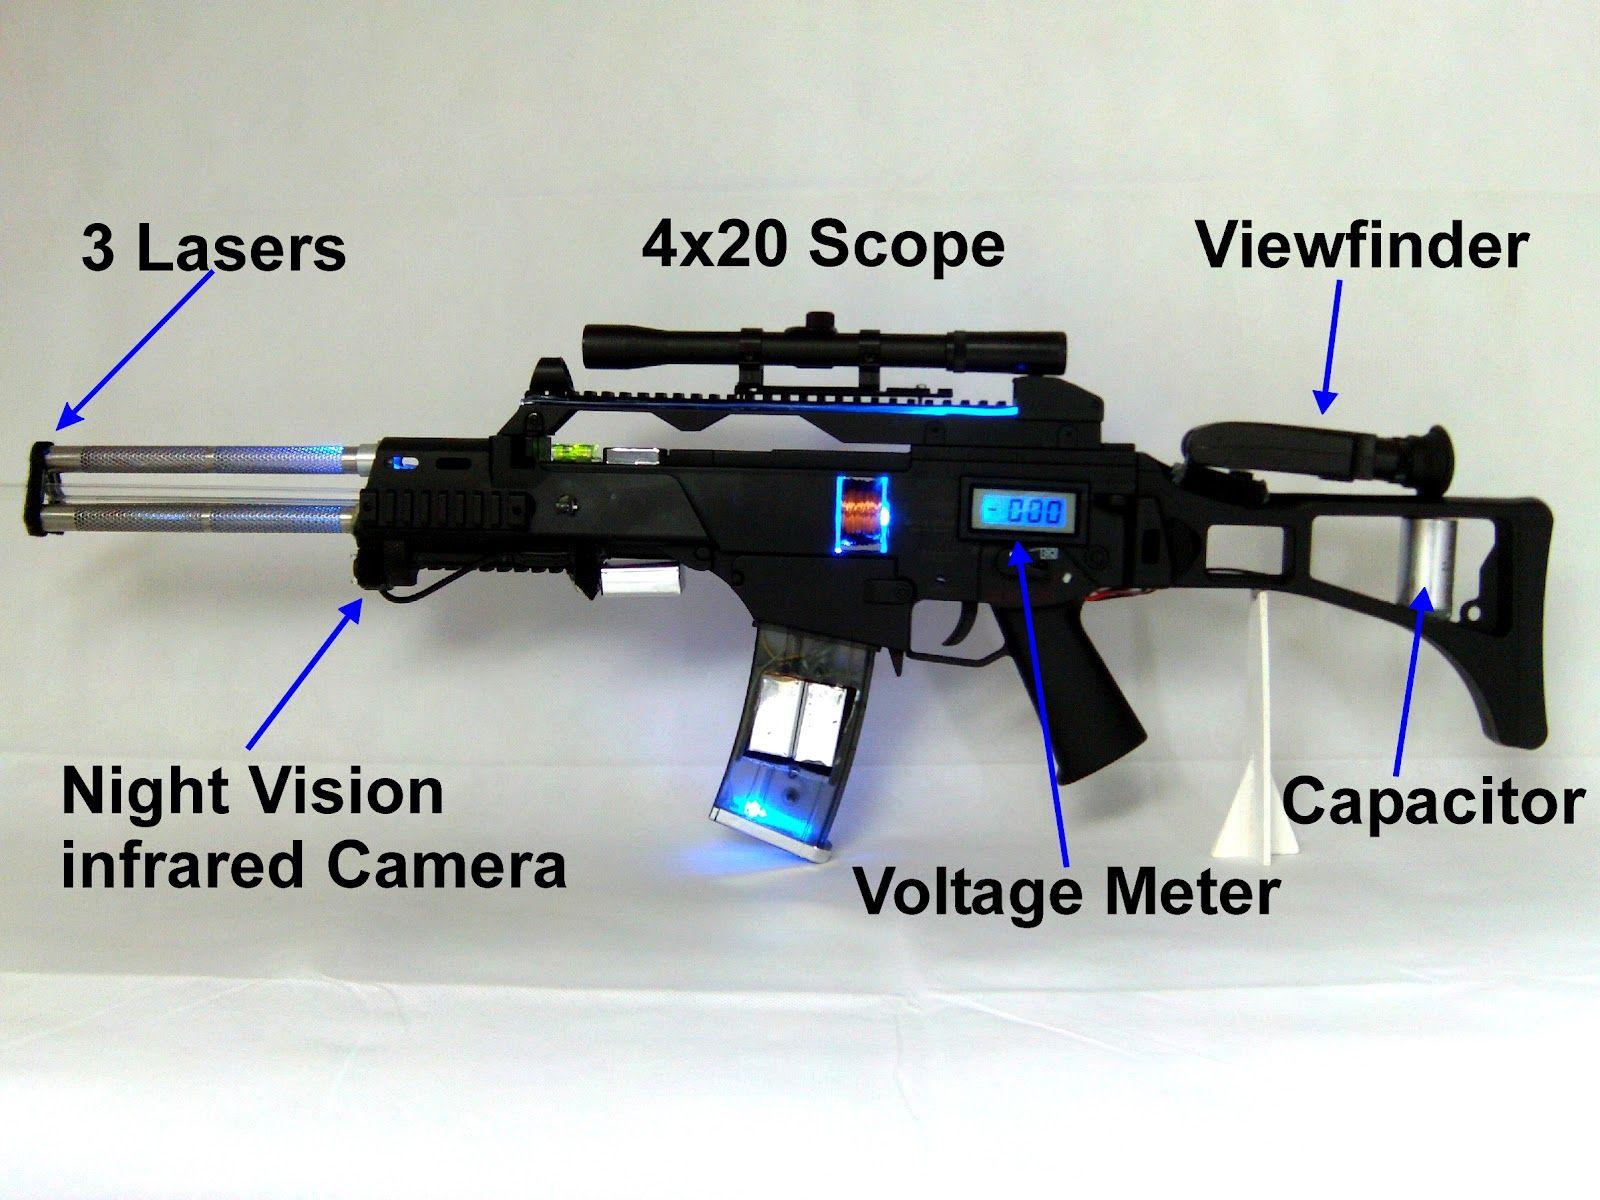 G36 coil gun mont maison source internet do it yourself gadgets g36 coil gun mont maison source internet do it yourself gadgets solutioingenieria Images